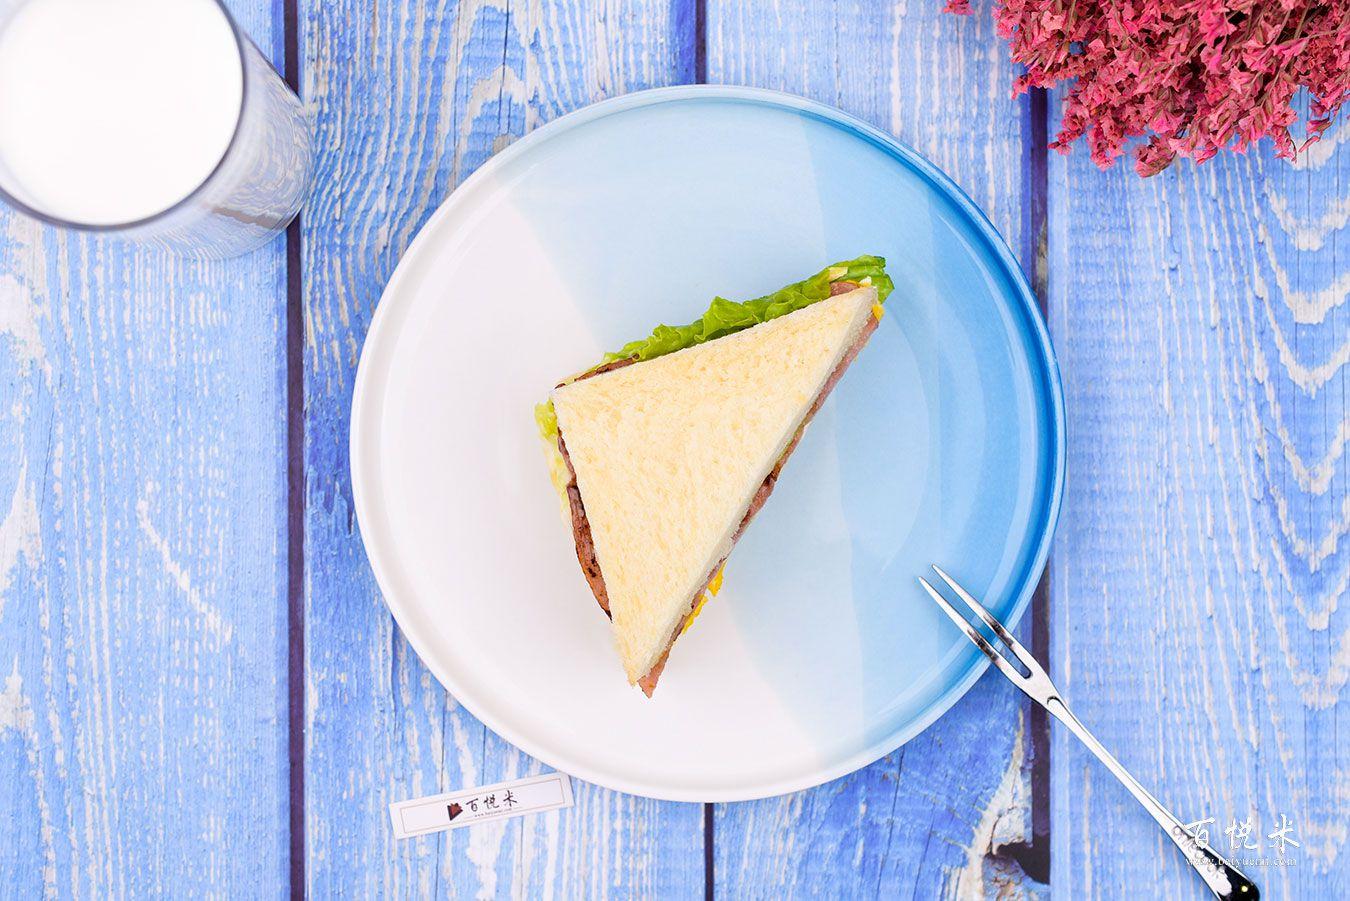 三明治高清图片大全【蛋糕图片】_623